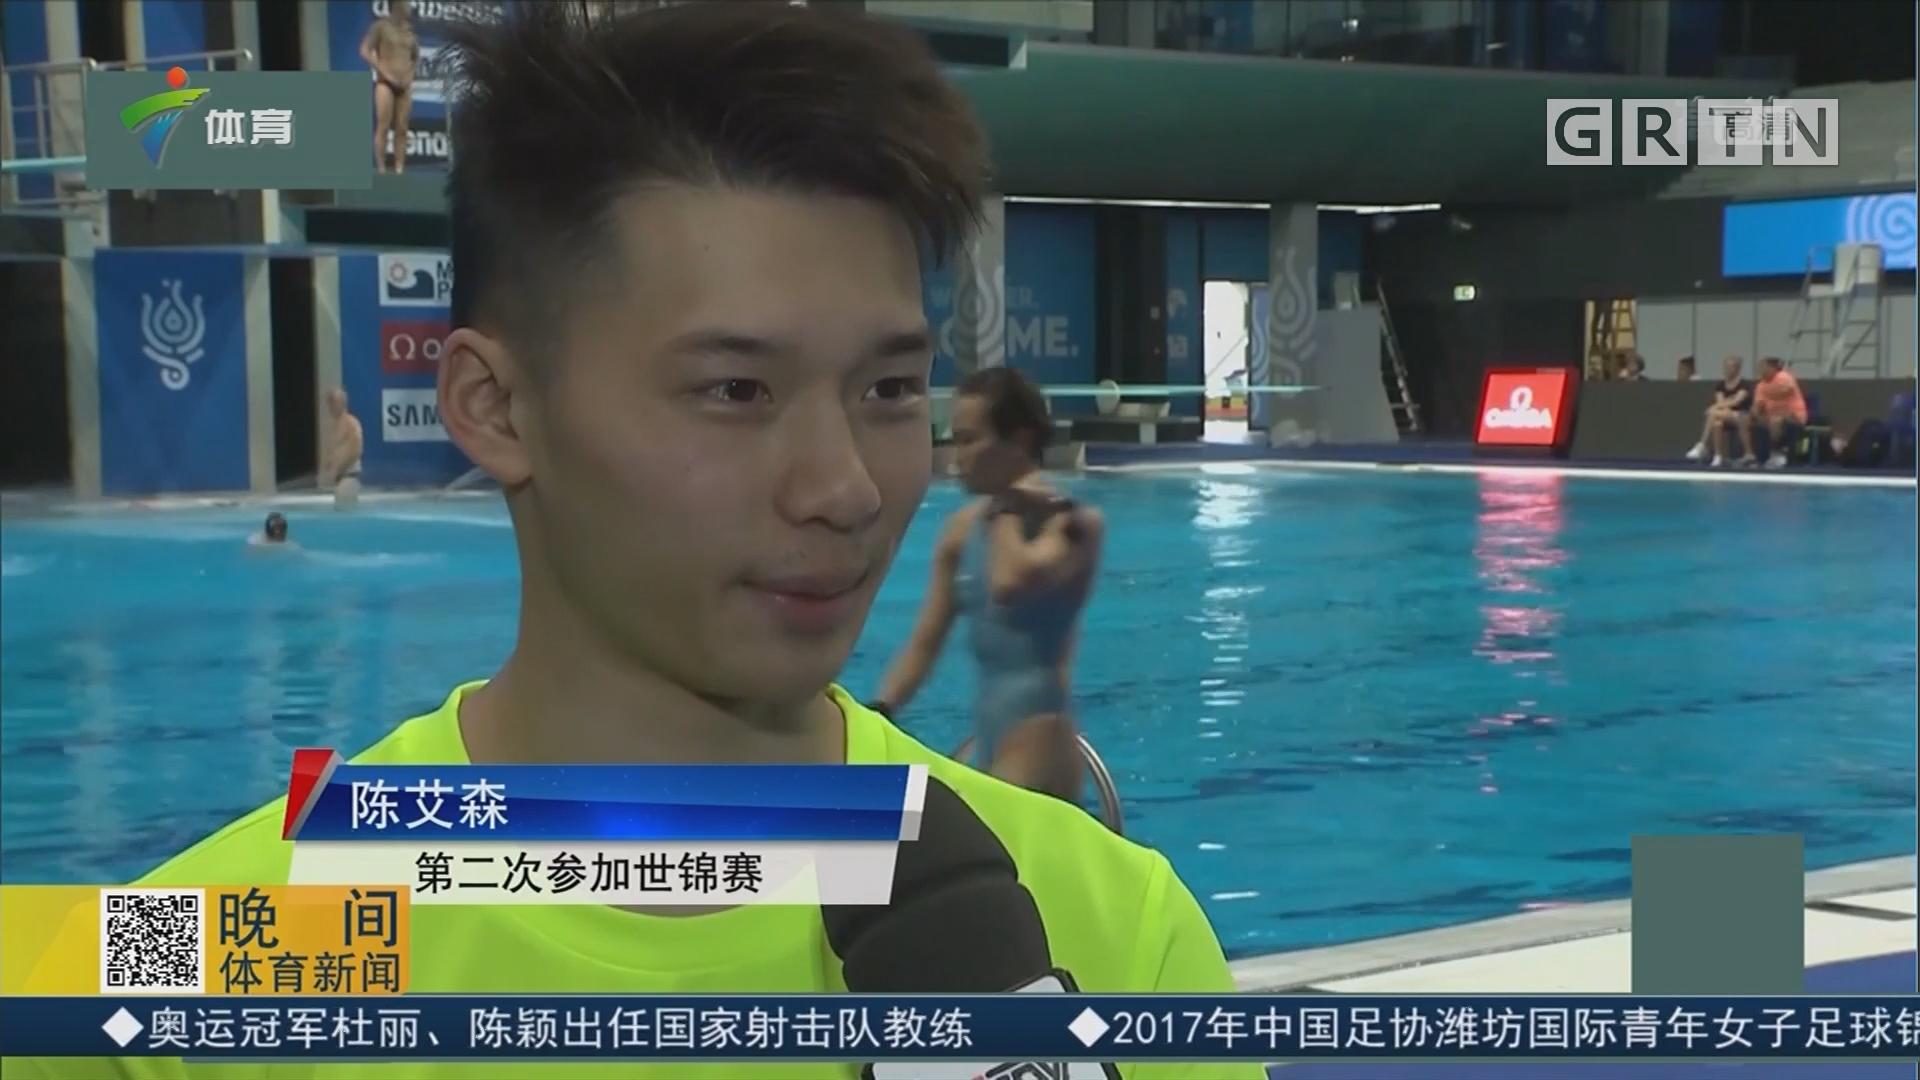 大赛当前 中国跳水队平静面对